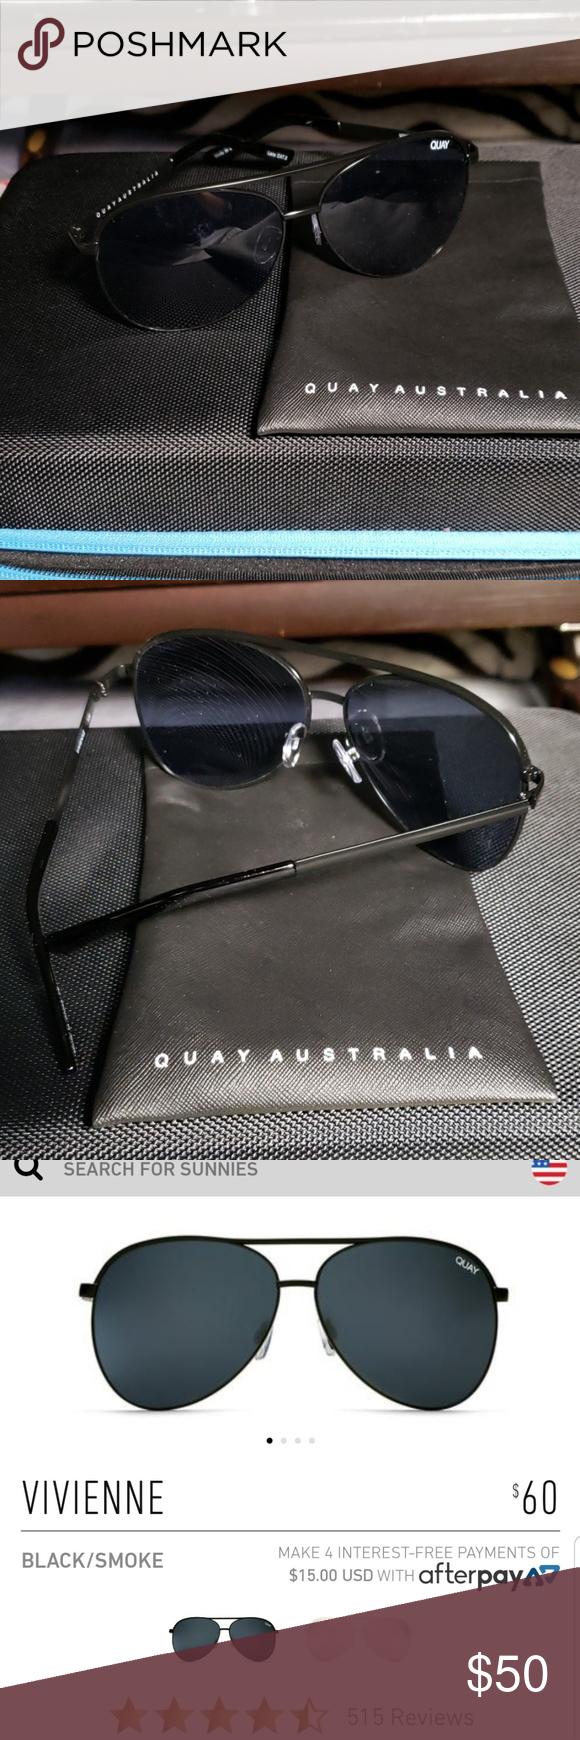 a2c862a147a Quay Australia Vivienne Aviator Sunglasses Quay Australia Vivienne  oversized Aviator Sunglasses. Comes with case.